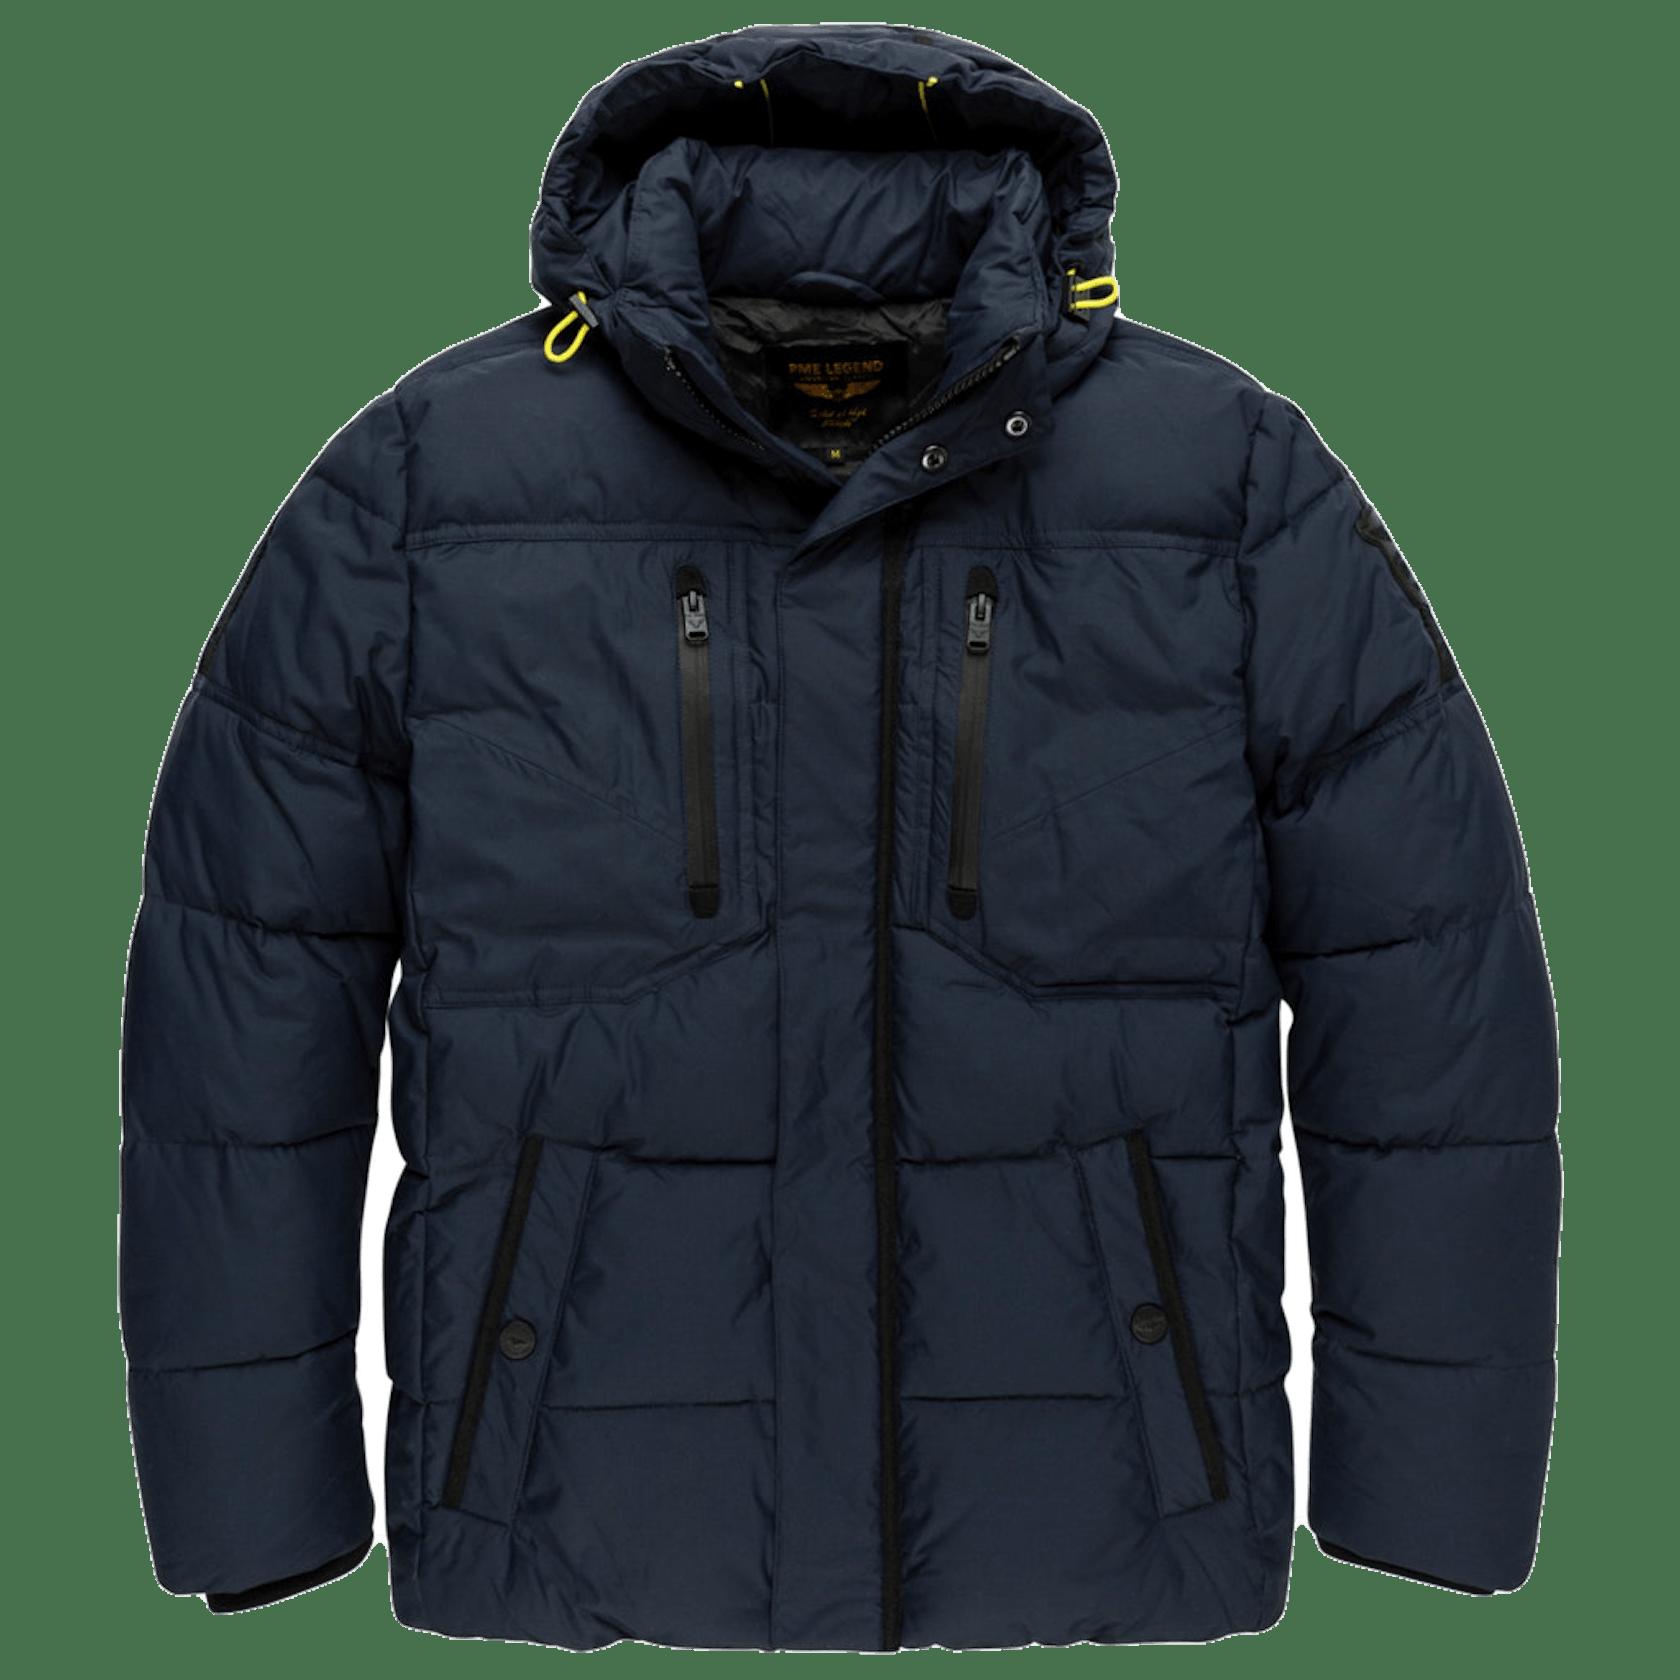 Winterjacke in dunkelblau von PME für Herren